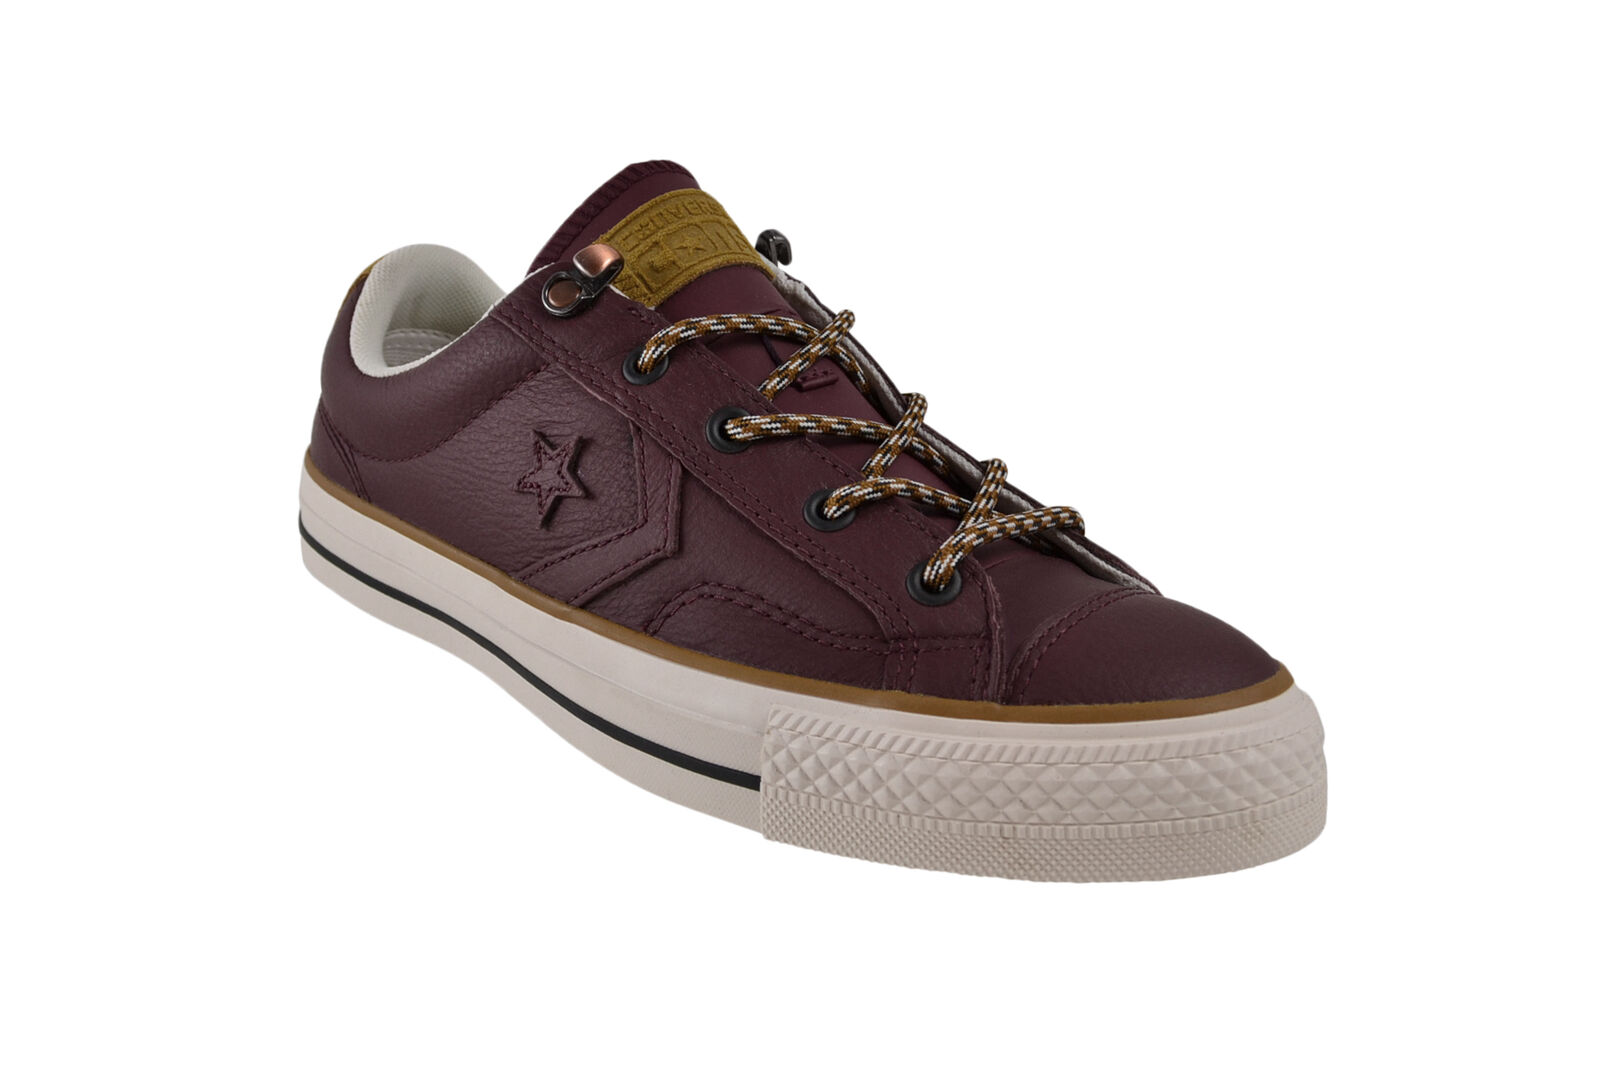 Los zapatos más populares para hombres y mujeres Converse Star Player Ox Deep burdeos Sneaker/zapatos rojo